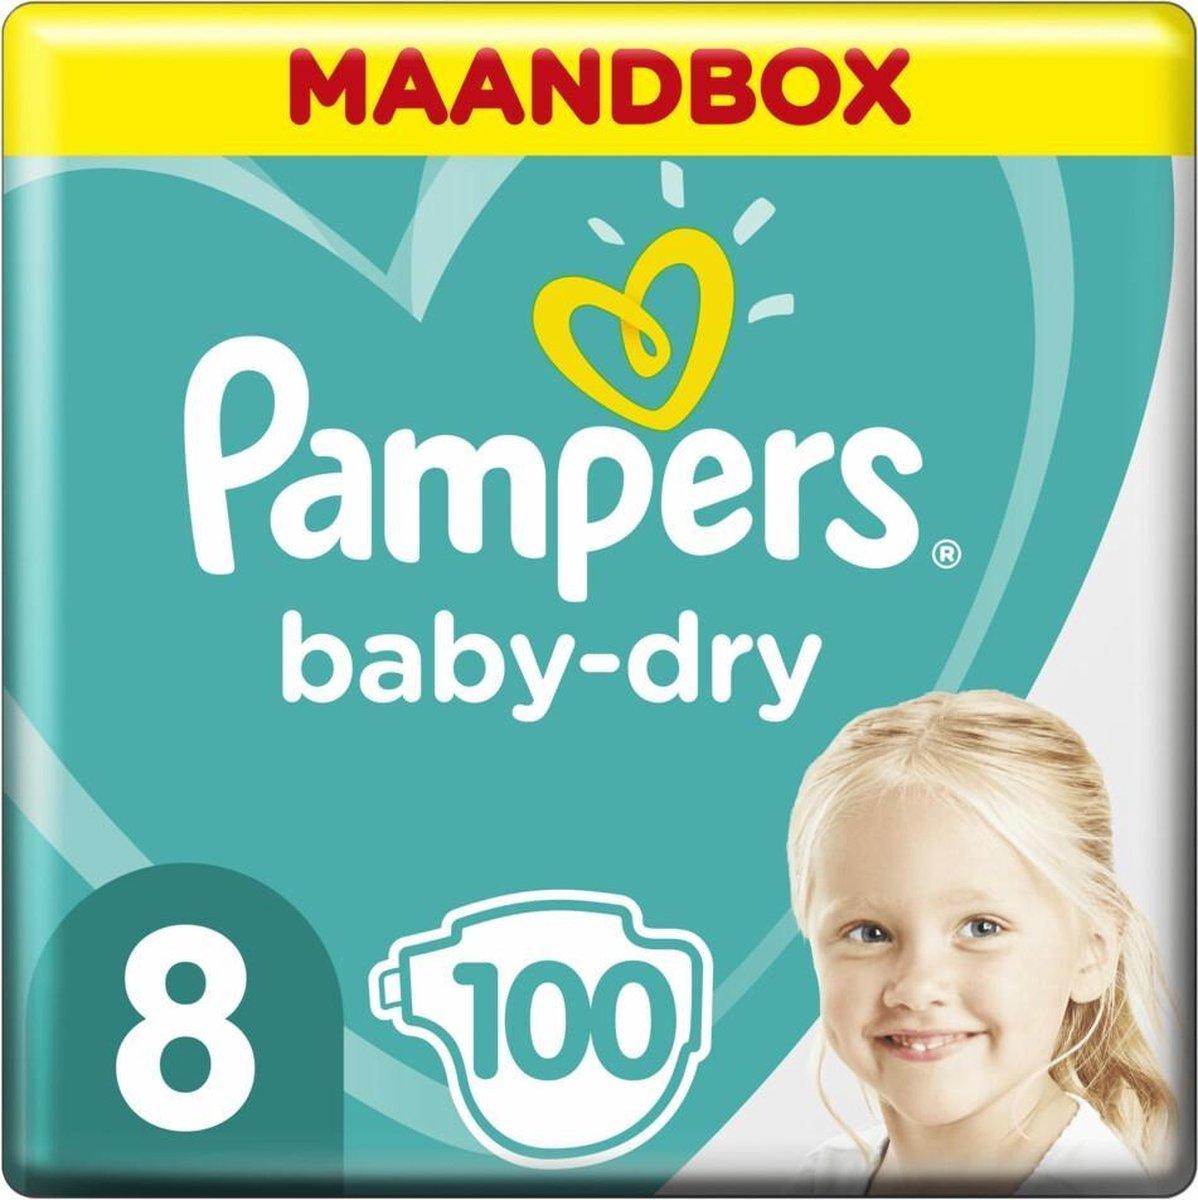 Pampers Baby-Dry Luiers - Maat 8 (17+ kg) - 100 stuks - Maandbox